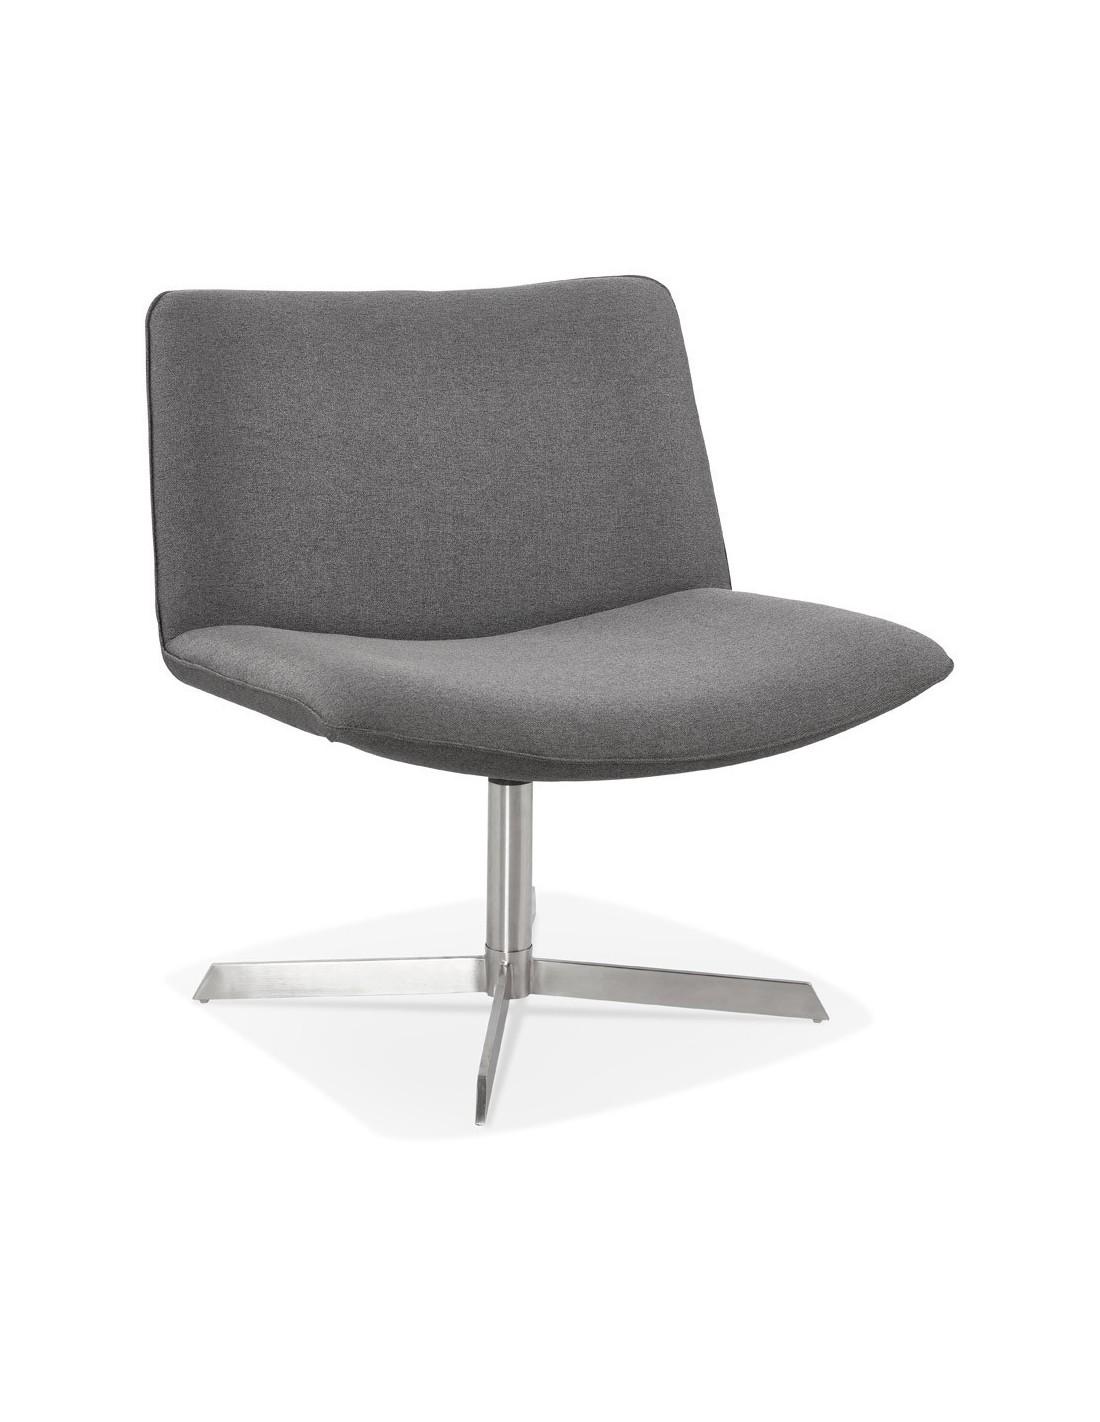 chaise vintage lassie tissu couleur principale gris fonce